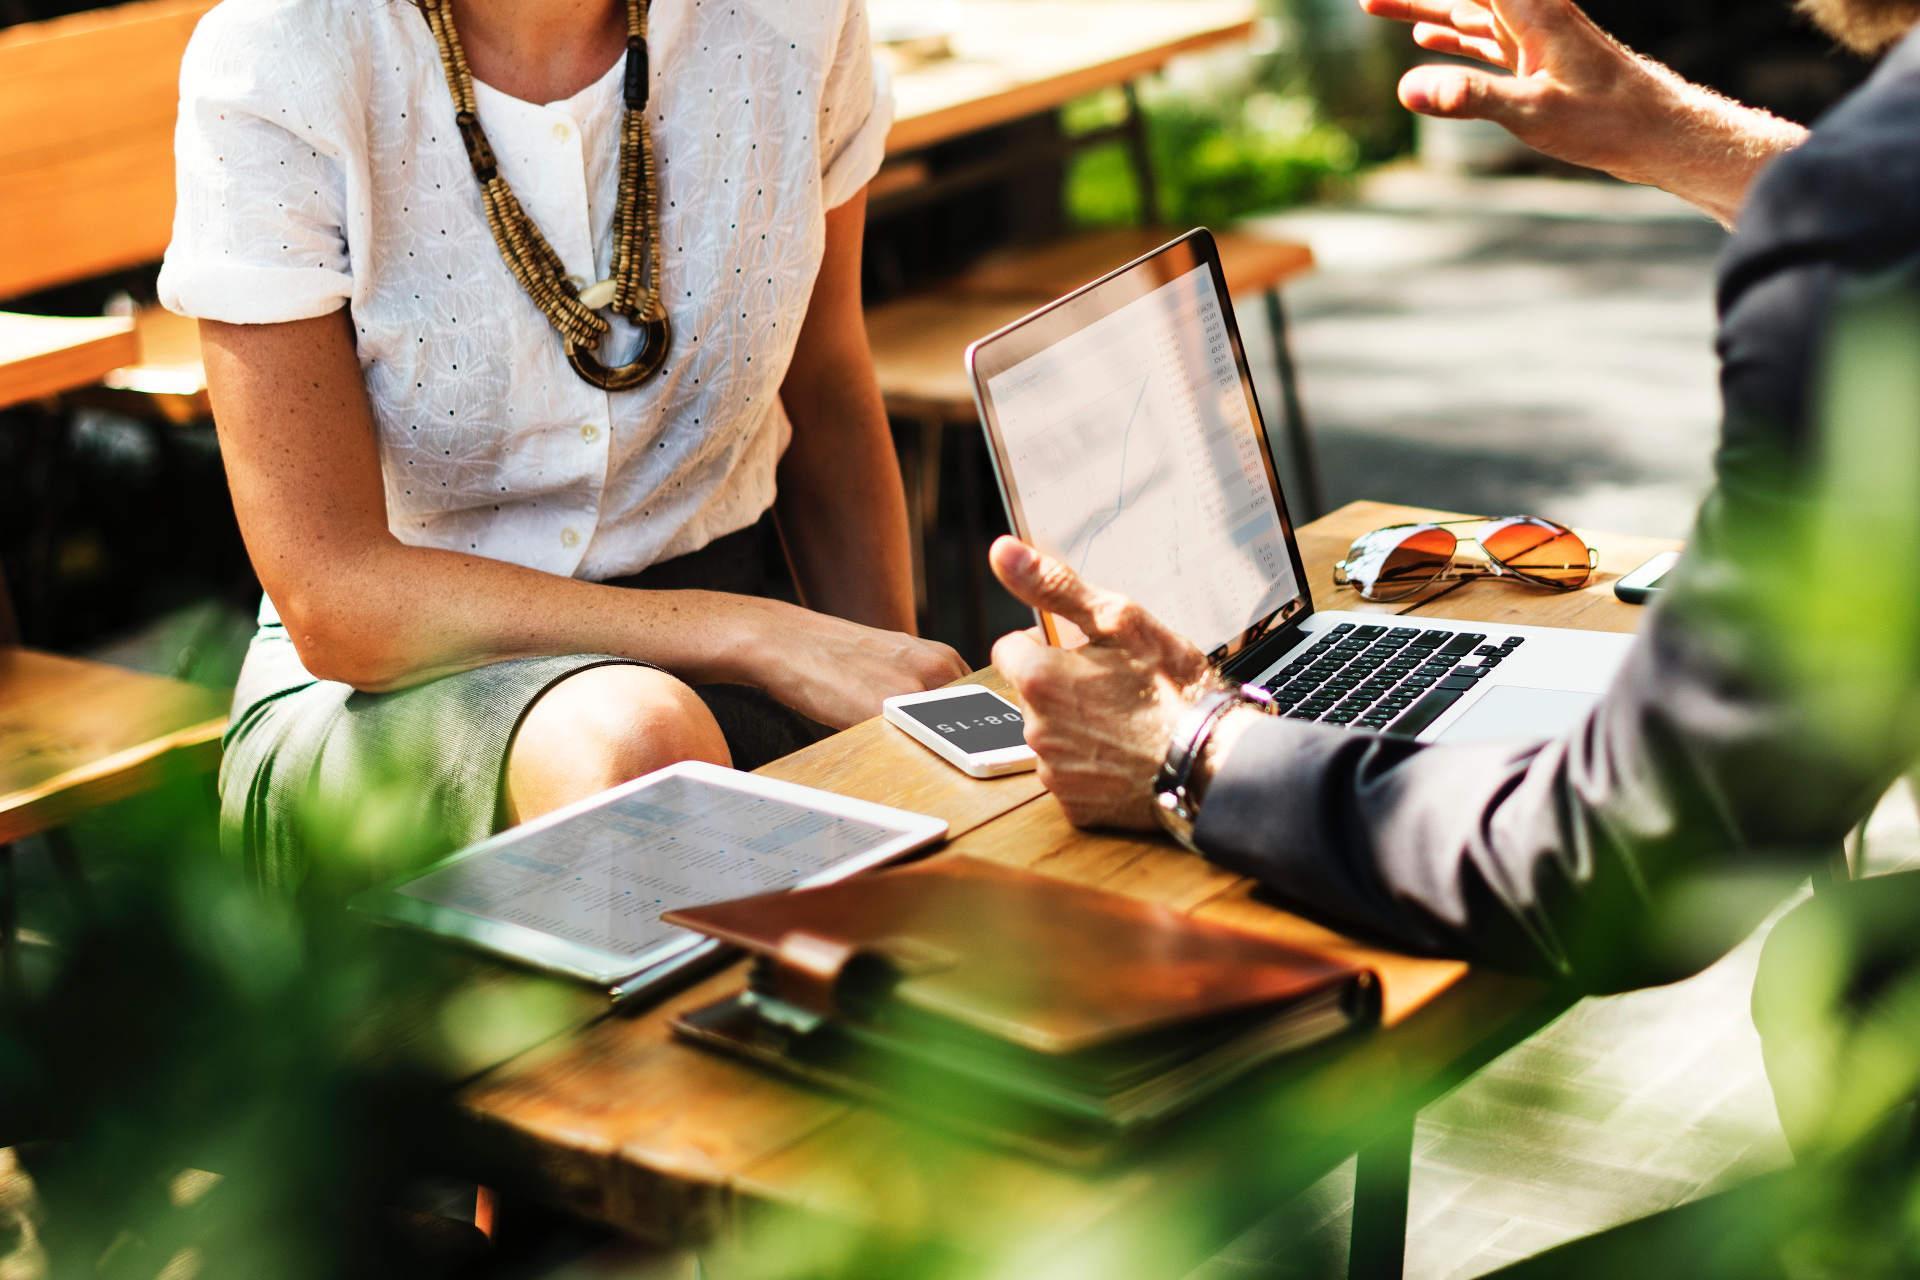 Cerchi un finanziamento? Descrivici la tua idea, ti aiuteremo a realizzarla!